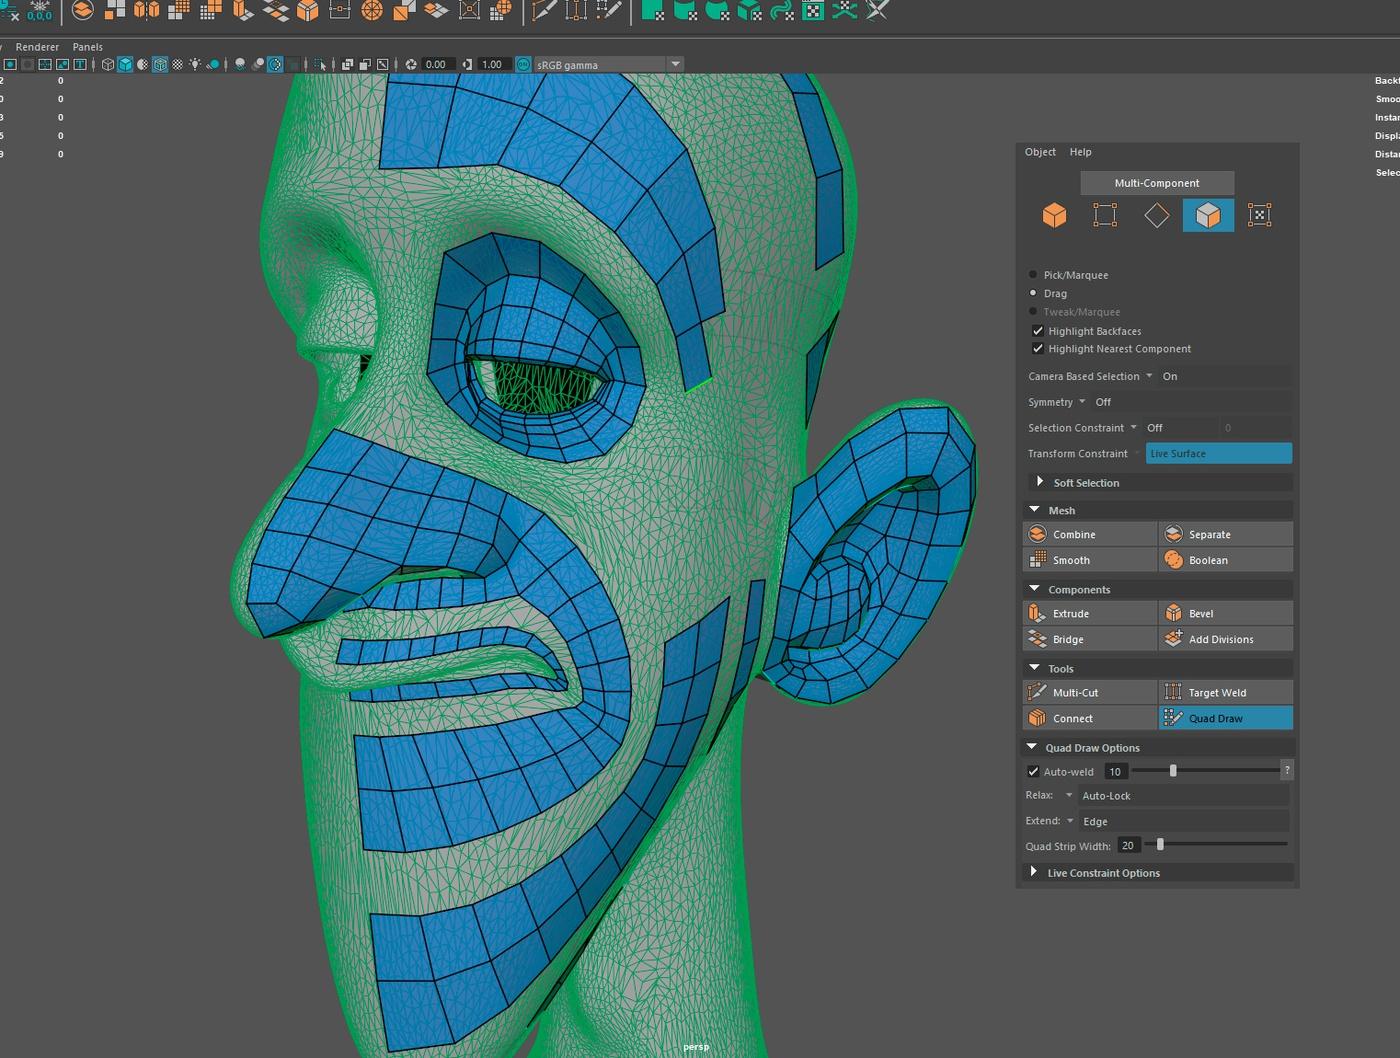 qaud rool retopology draw tool modeling